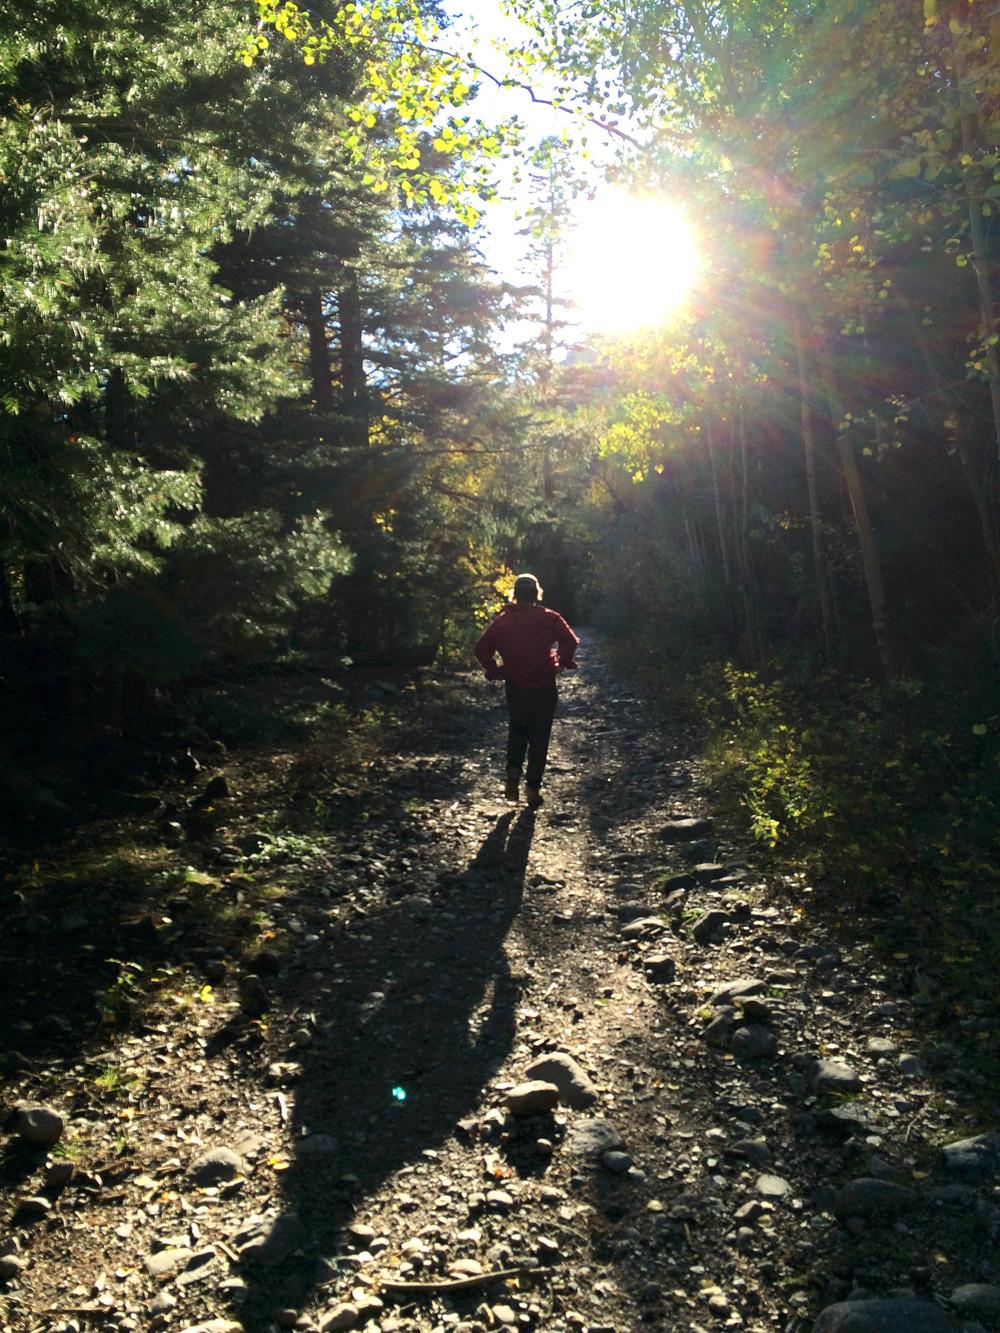 10-2-14 n.crestone trail 1-17-14.jpg